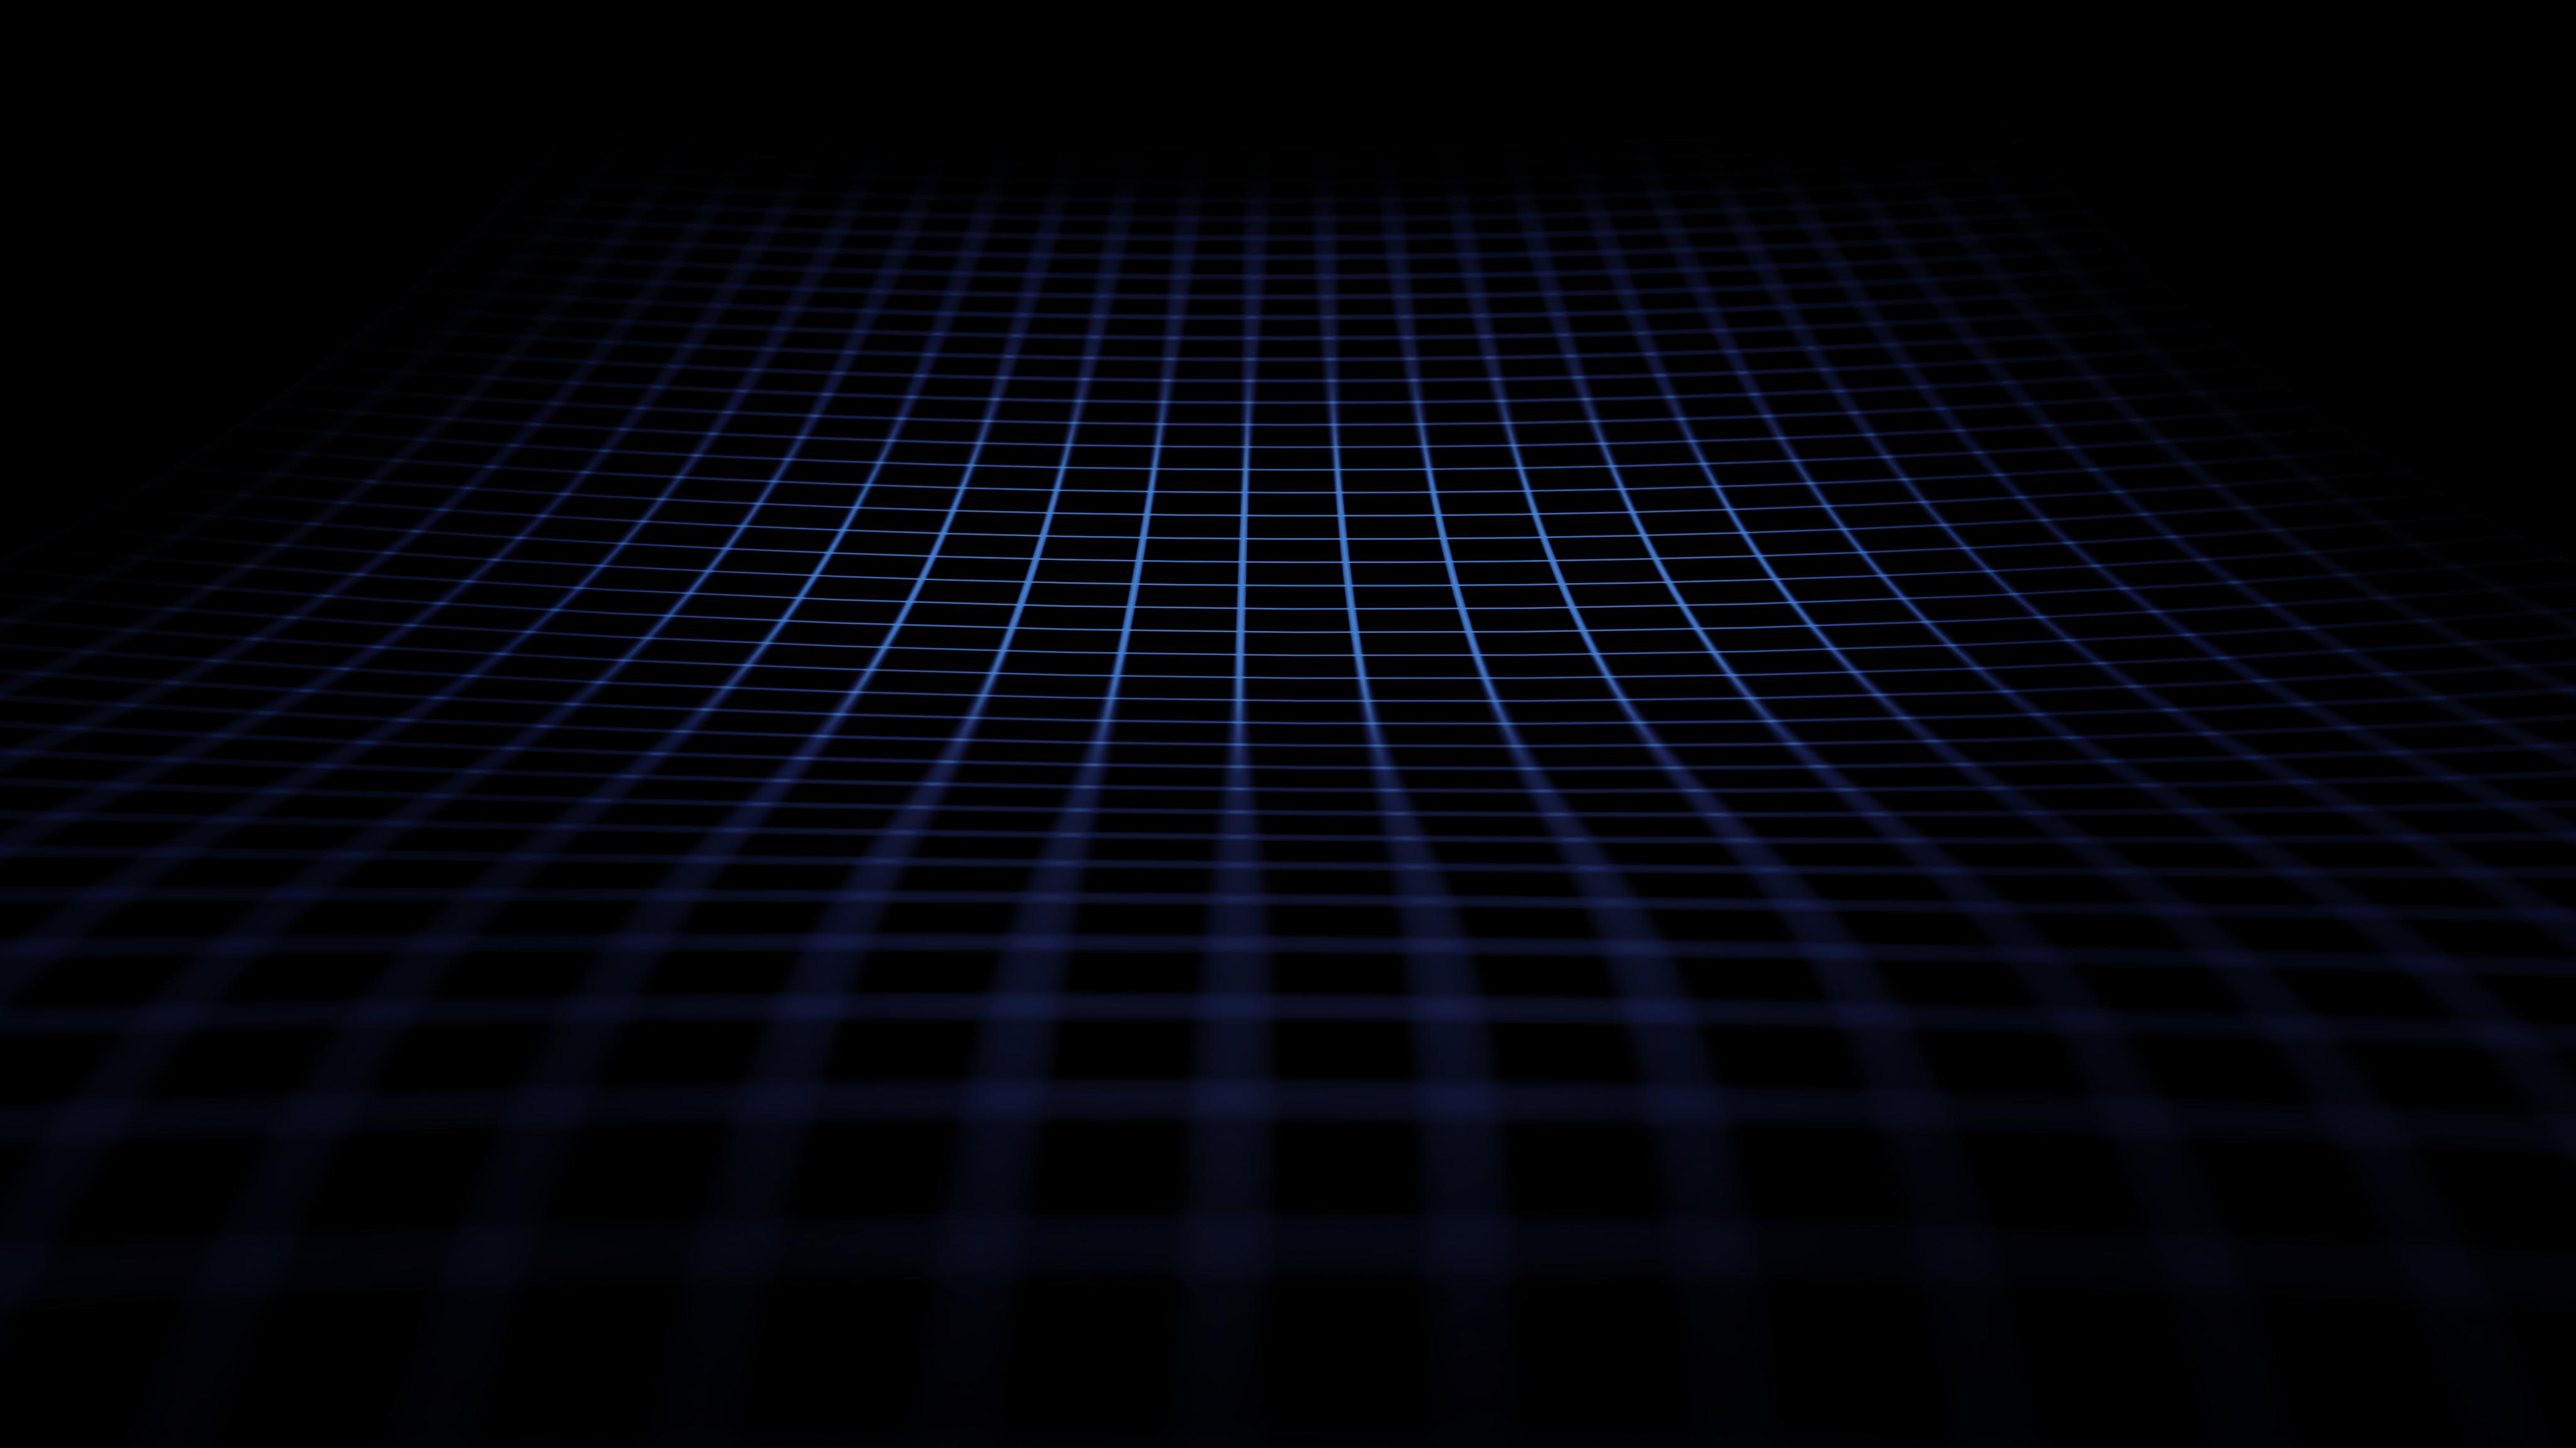 Grid Wave 4k Ultra HD Wallpaper